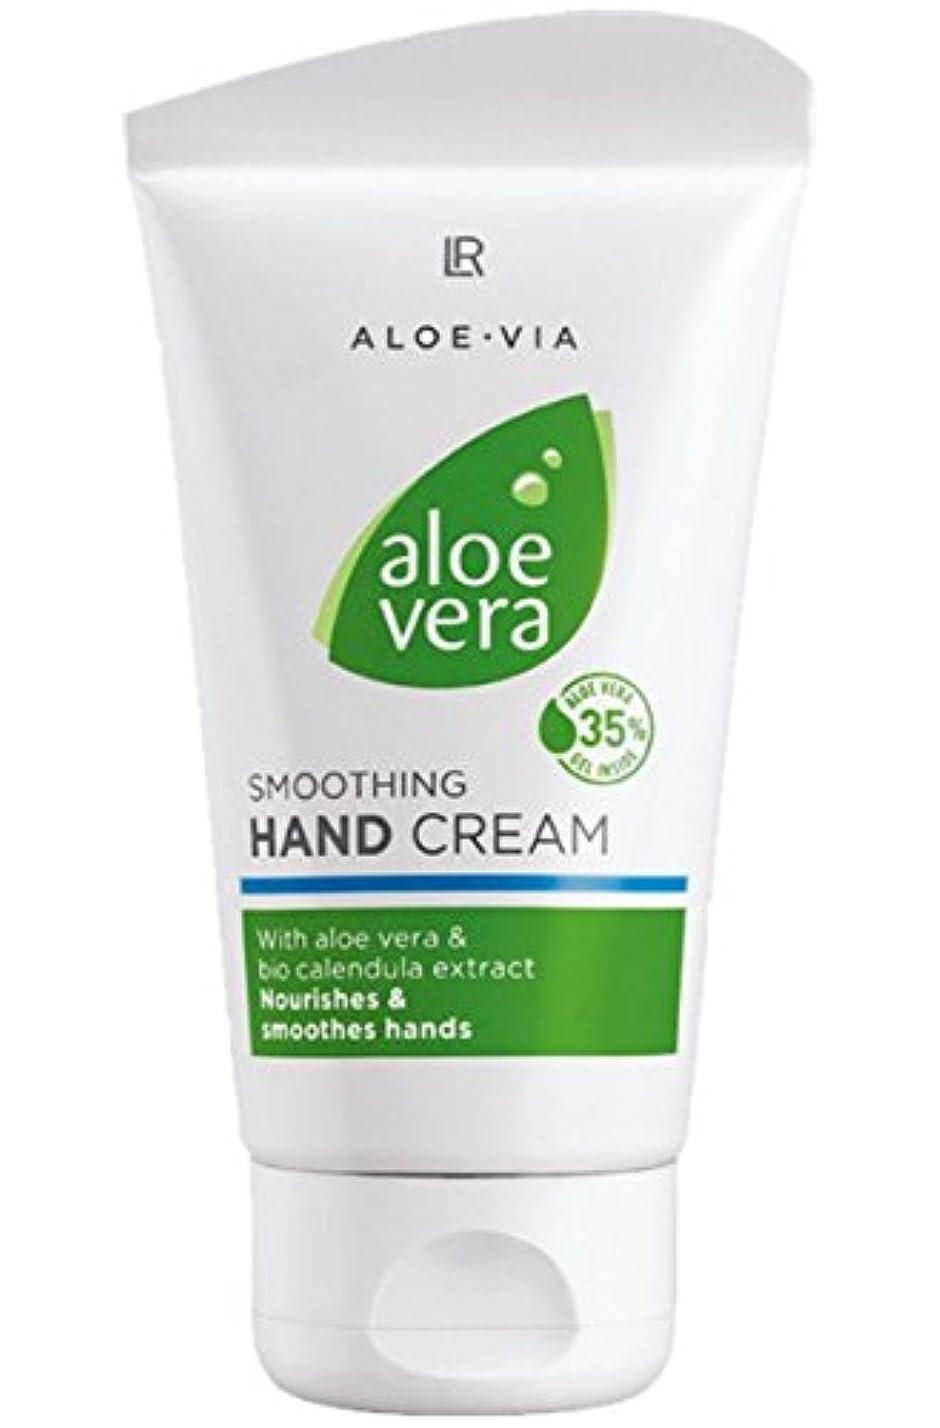 製作大胆勢いL R アロエハンドクリーム美容や化粧品の35%アロエベラ75ミリリットル